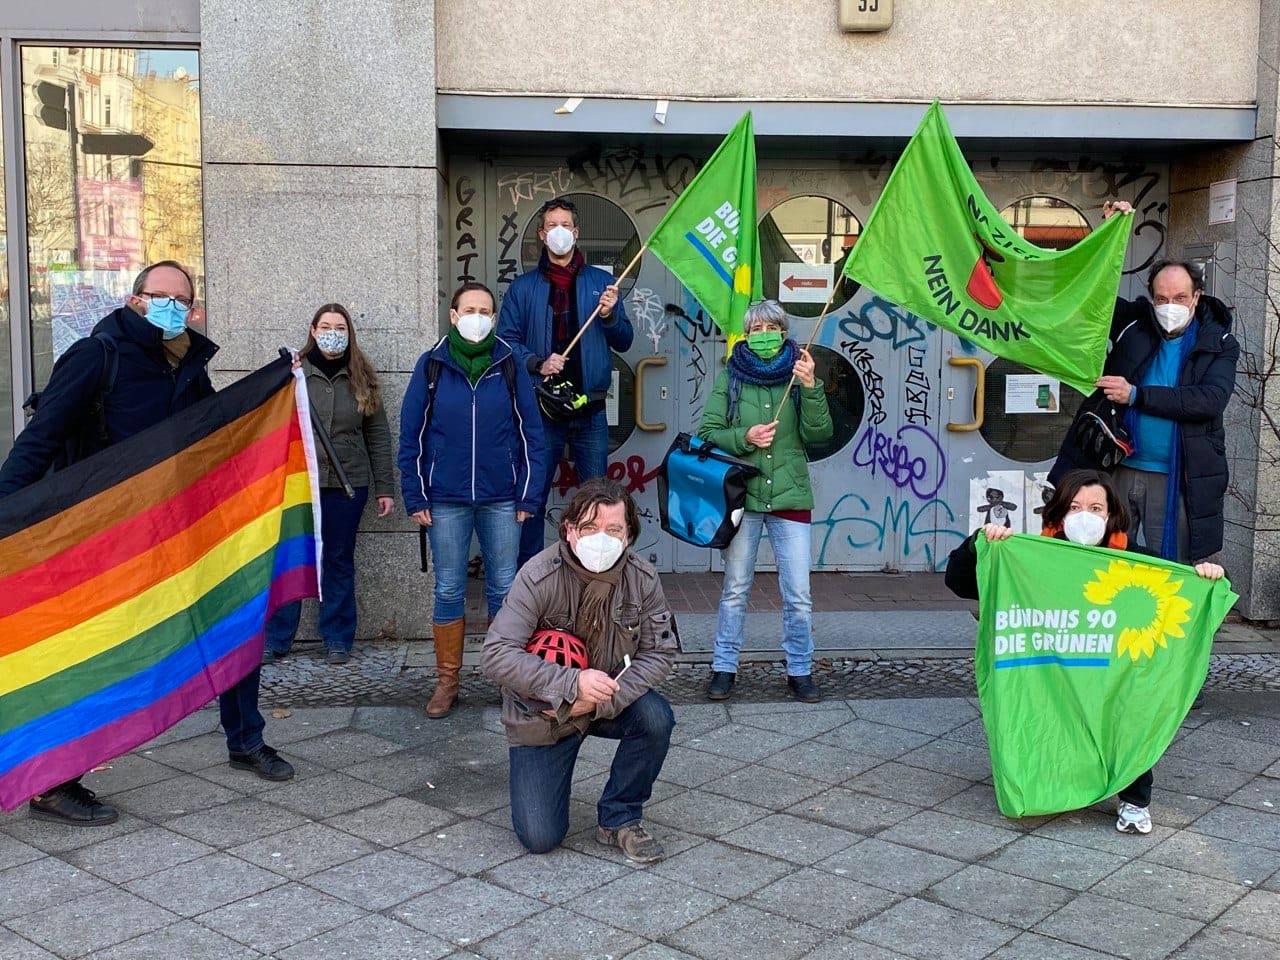 Anwohner*innenprotest gegen den 4. verschwörungsideologischen Schweigemarsch in Schöneberg am 20. Februar 2021